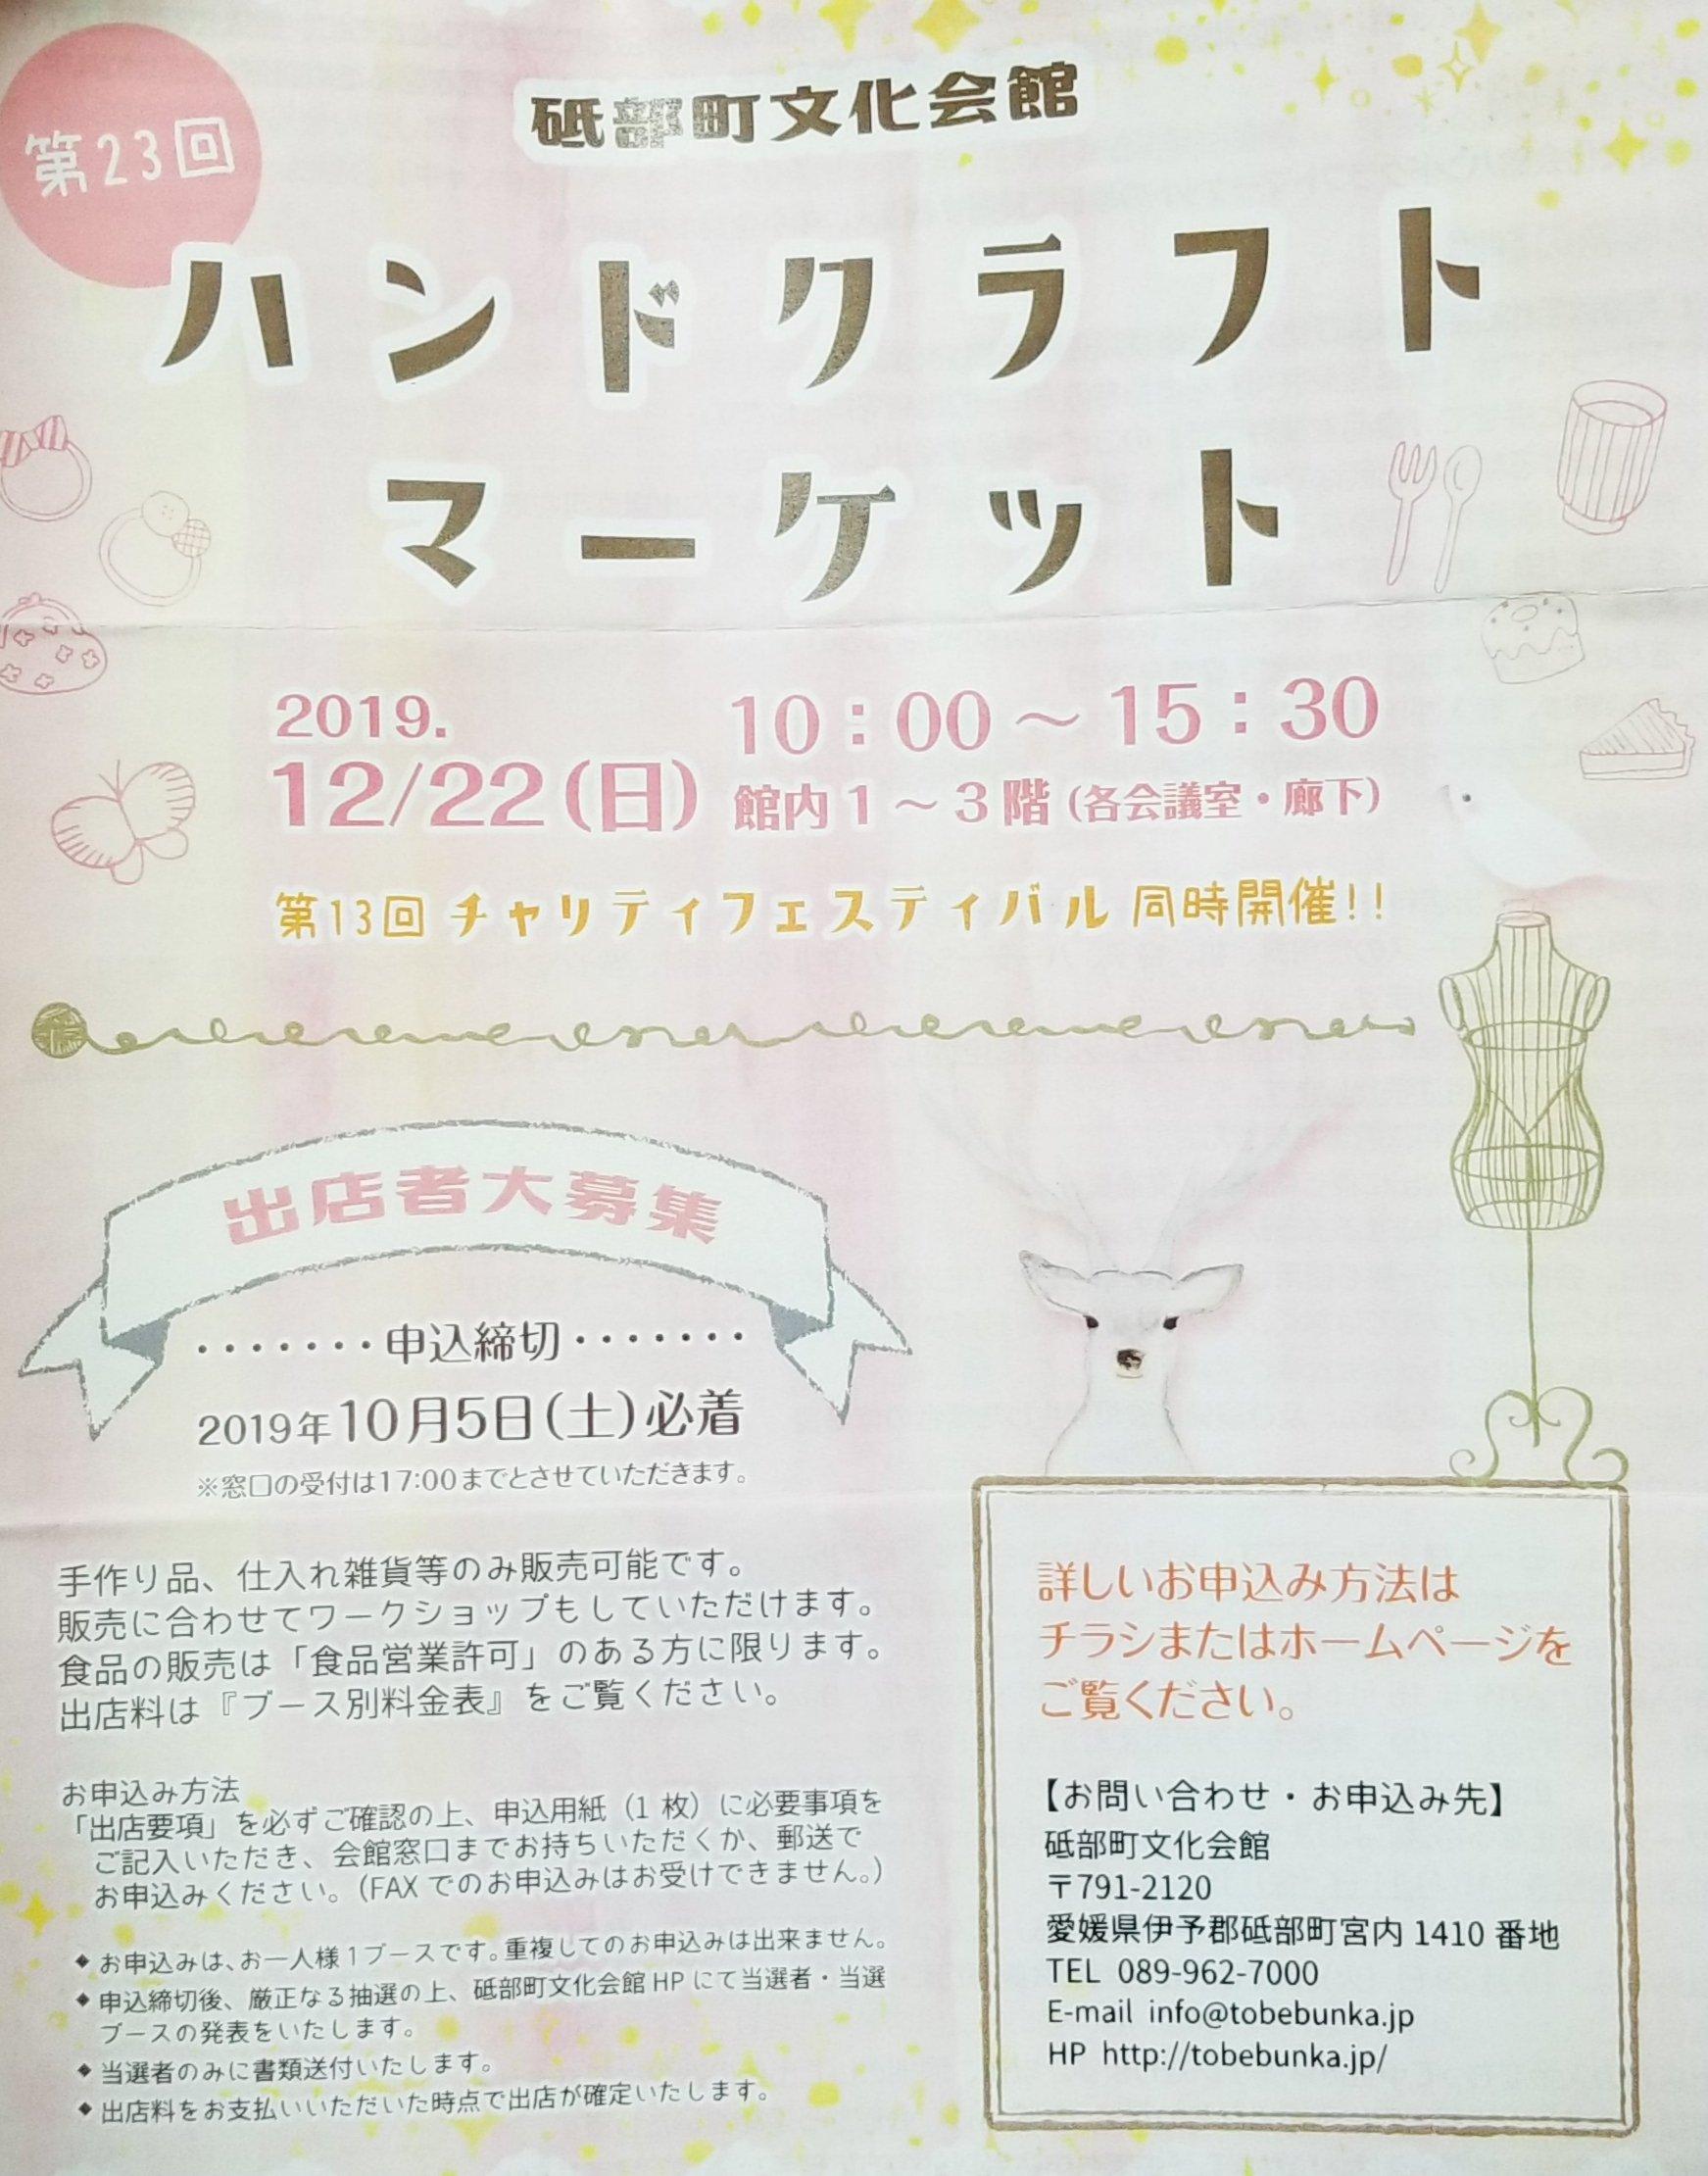 松山市砥部町文化会館ハンドメイドイベントクラフトマーケット